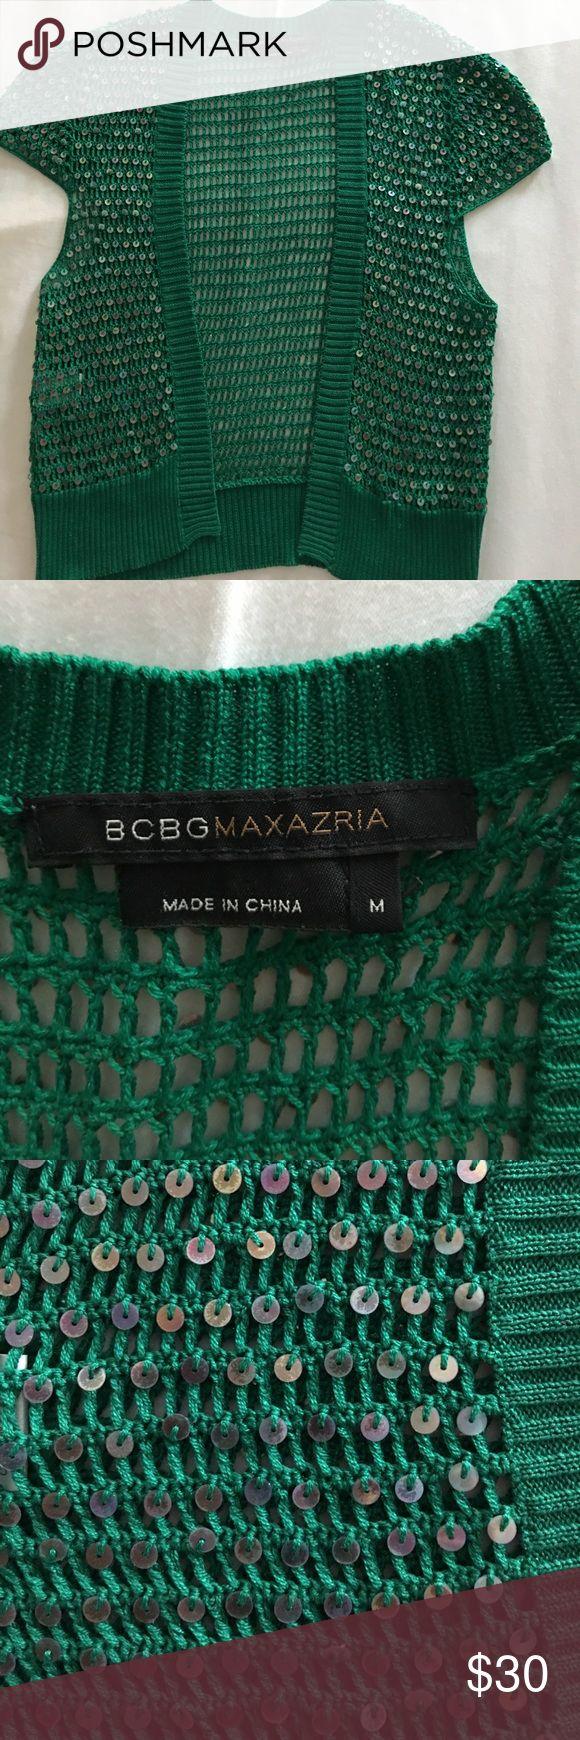 Green bolero shrug 100% silk, knit bolero jacket. BCBGMaxAzria Jackets & Coats